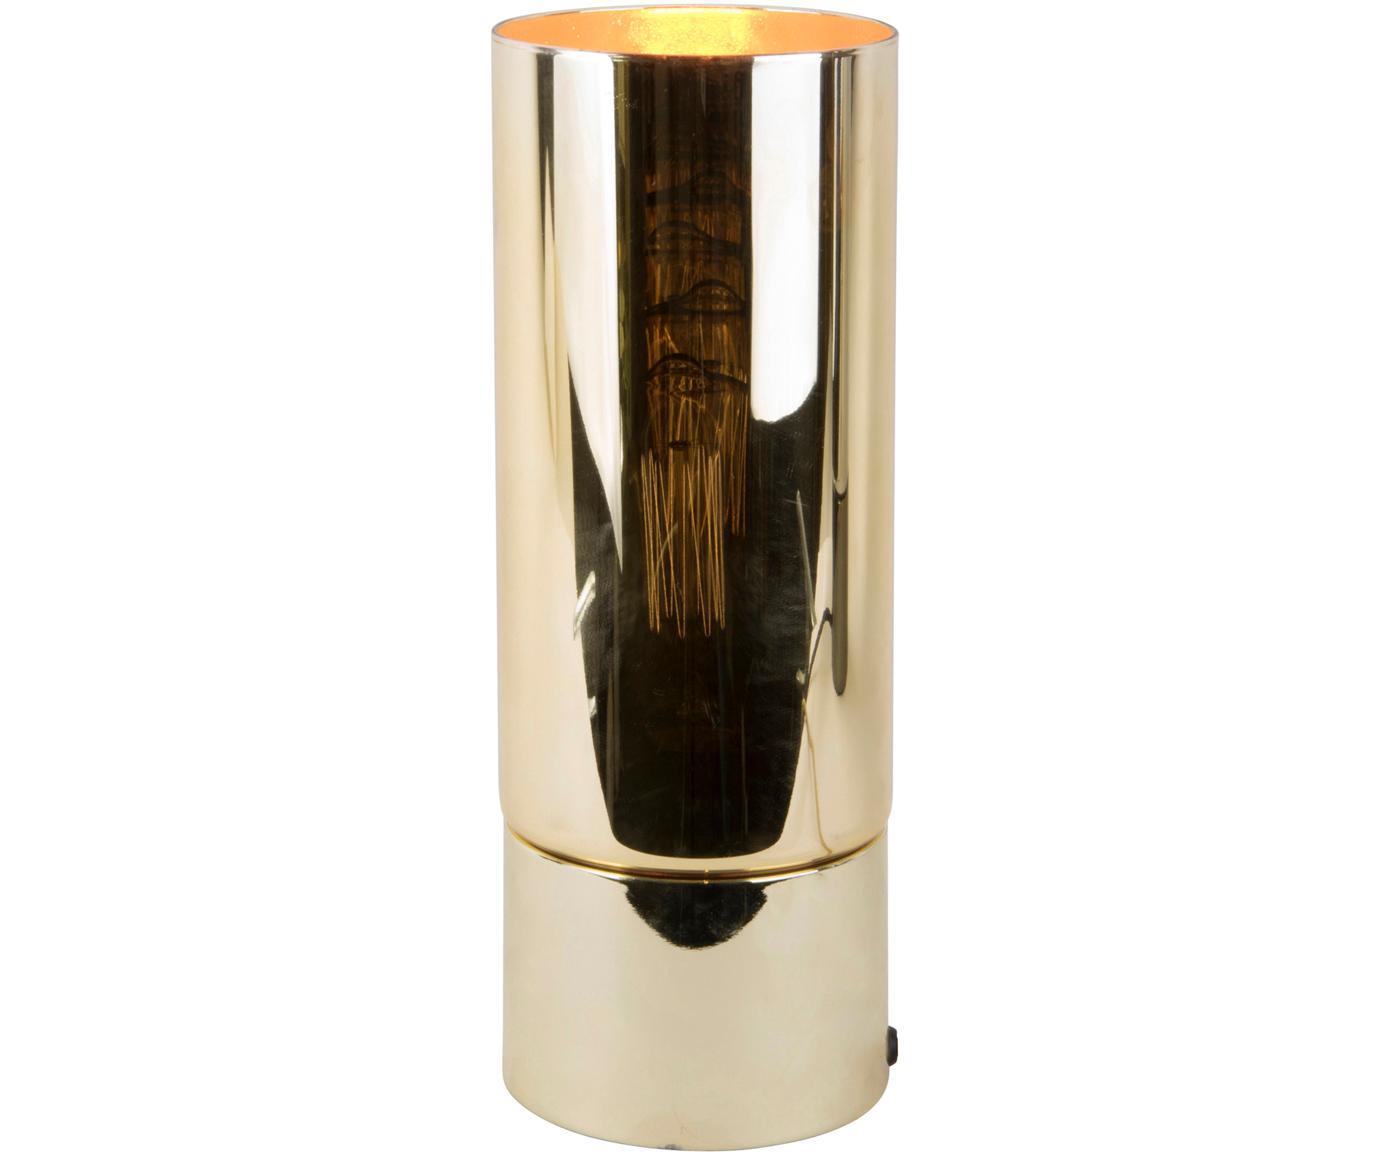 Tischlampe Lax in Gold, Glas, Metall, Goldfarben, Ø 12 x H 32 cm